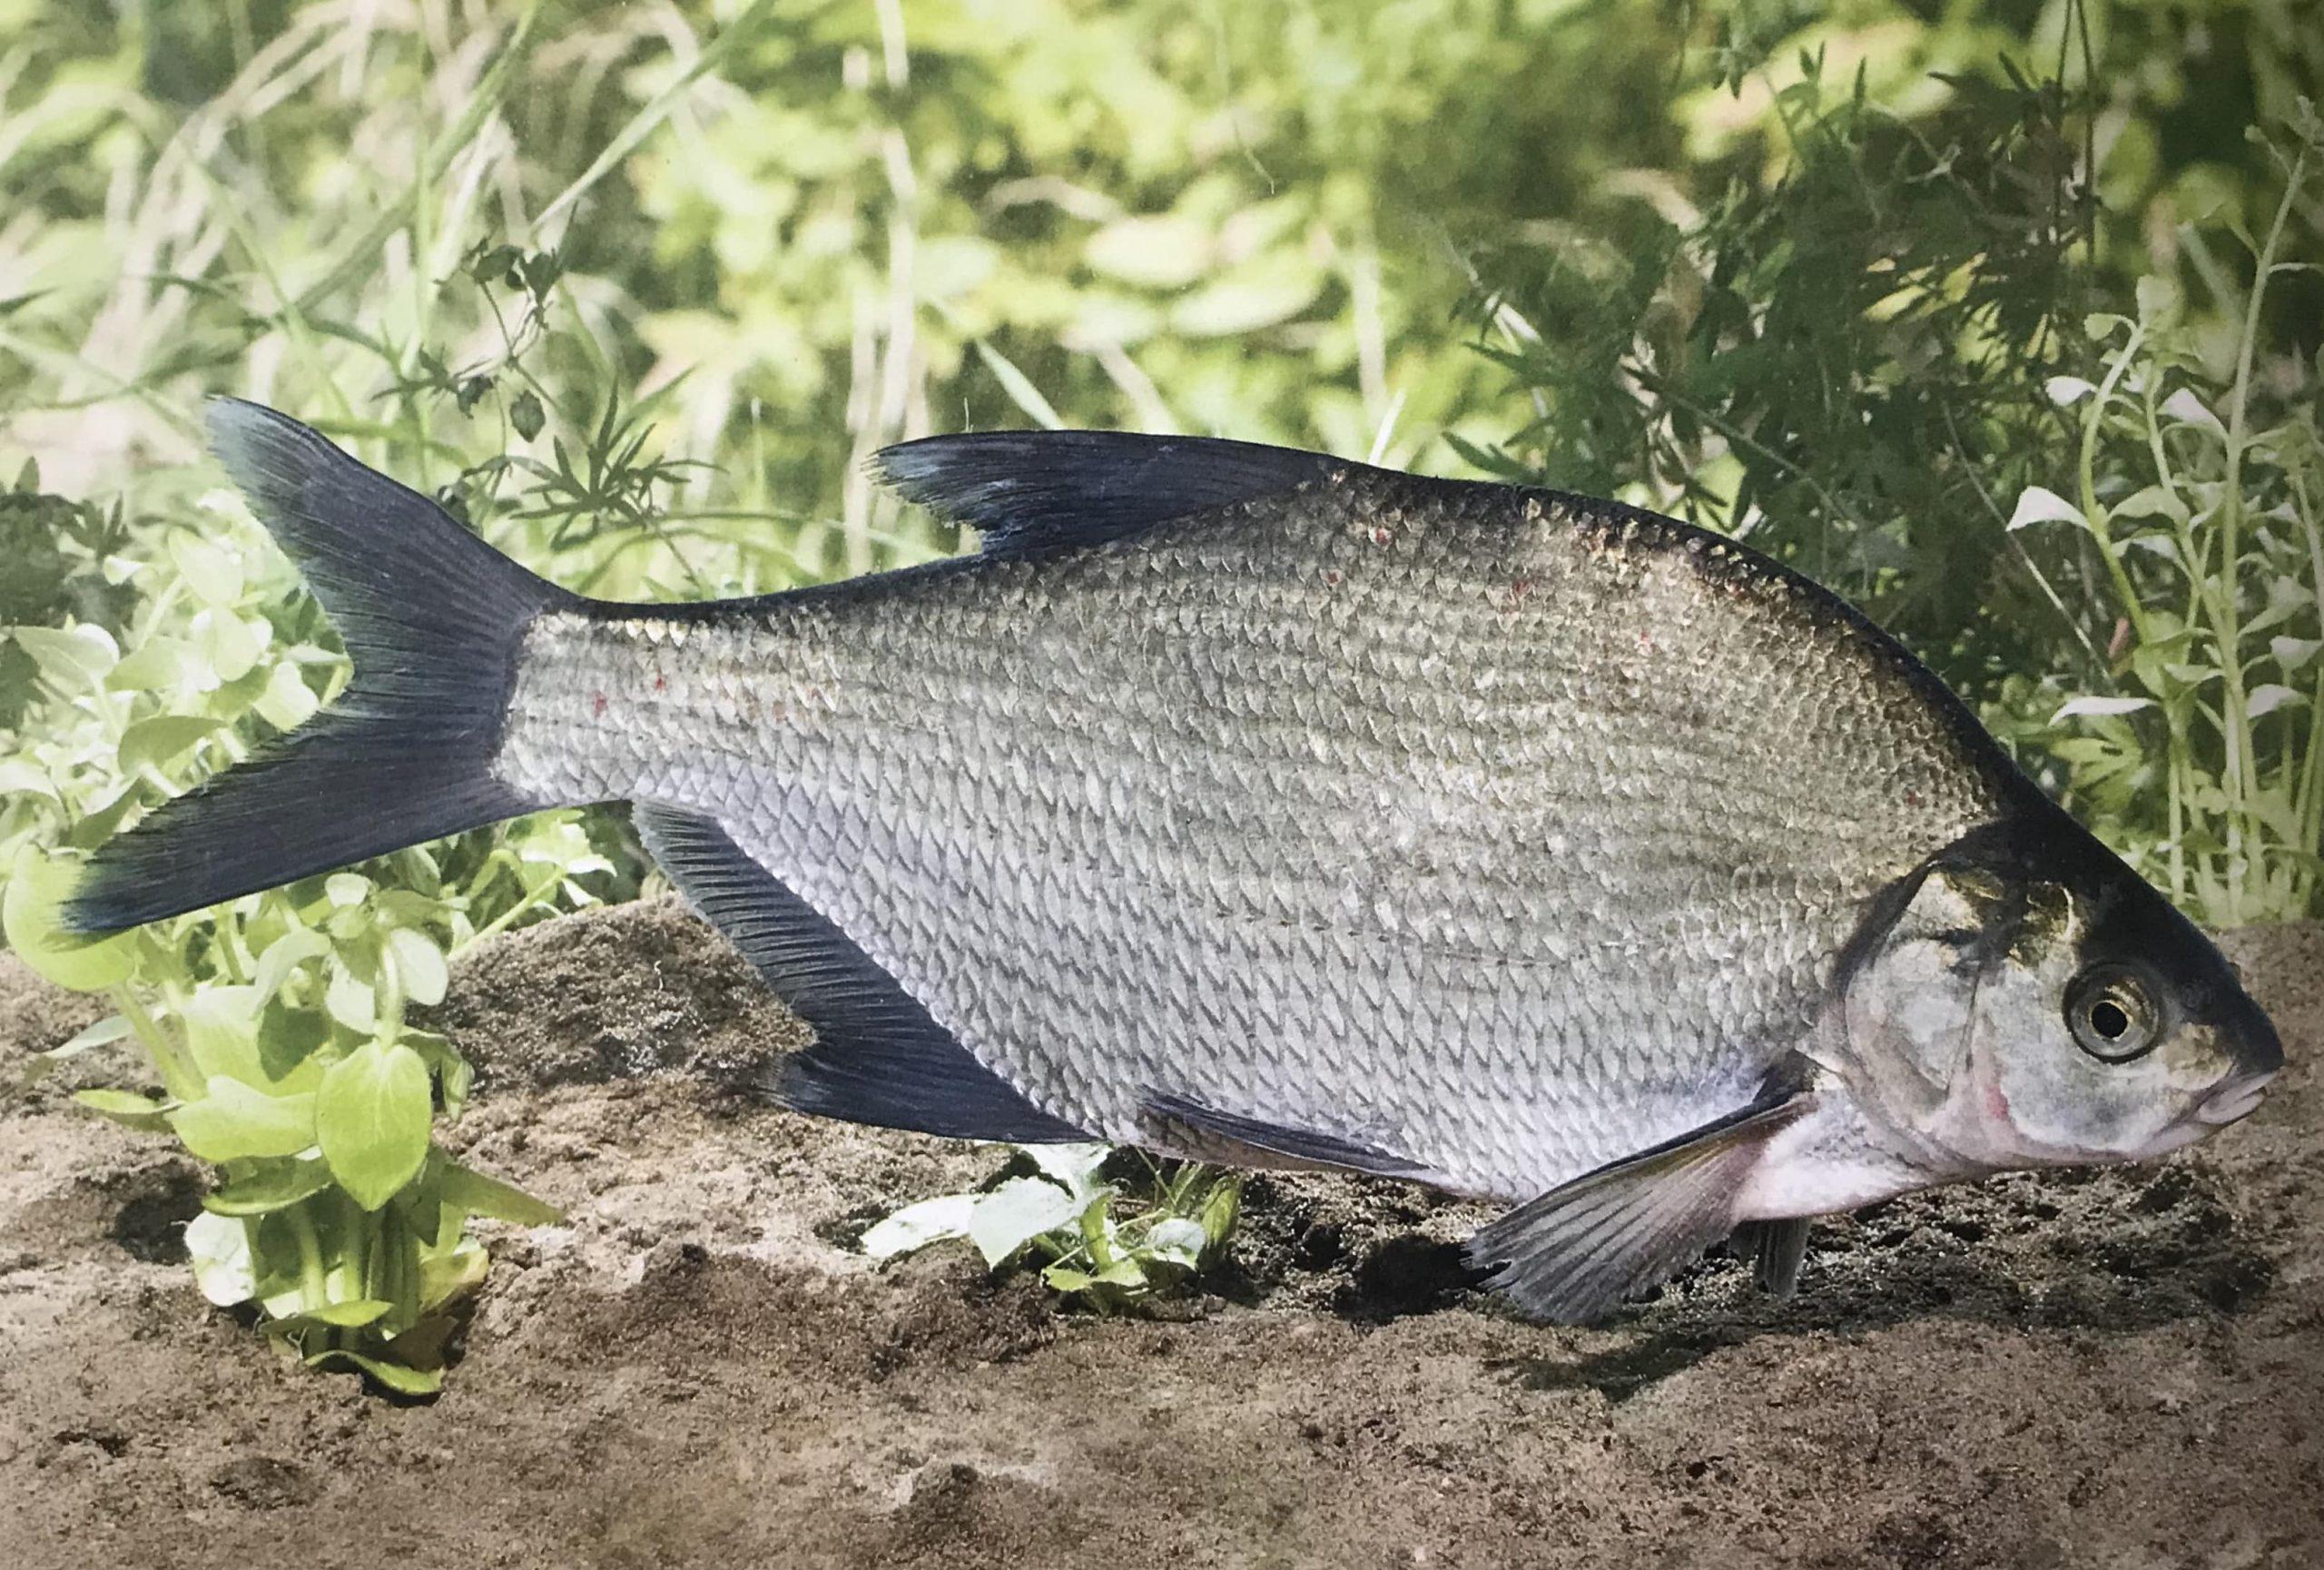 Peștii din Delta Dunării: Plătică (Abramis brama)